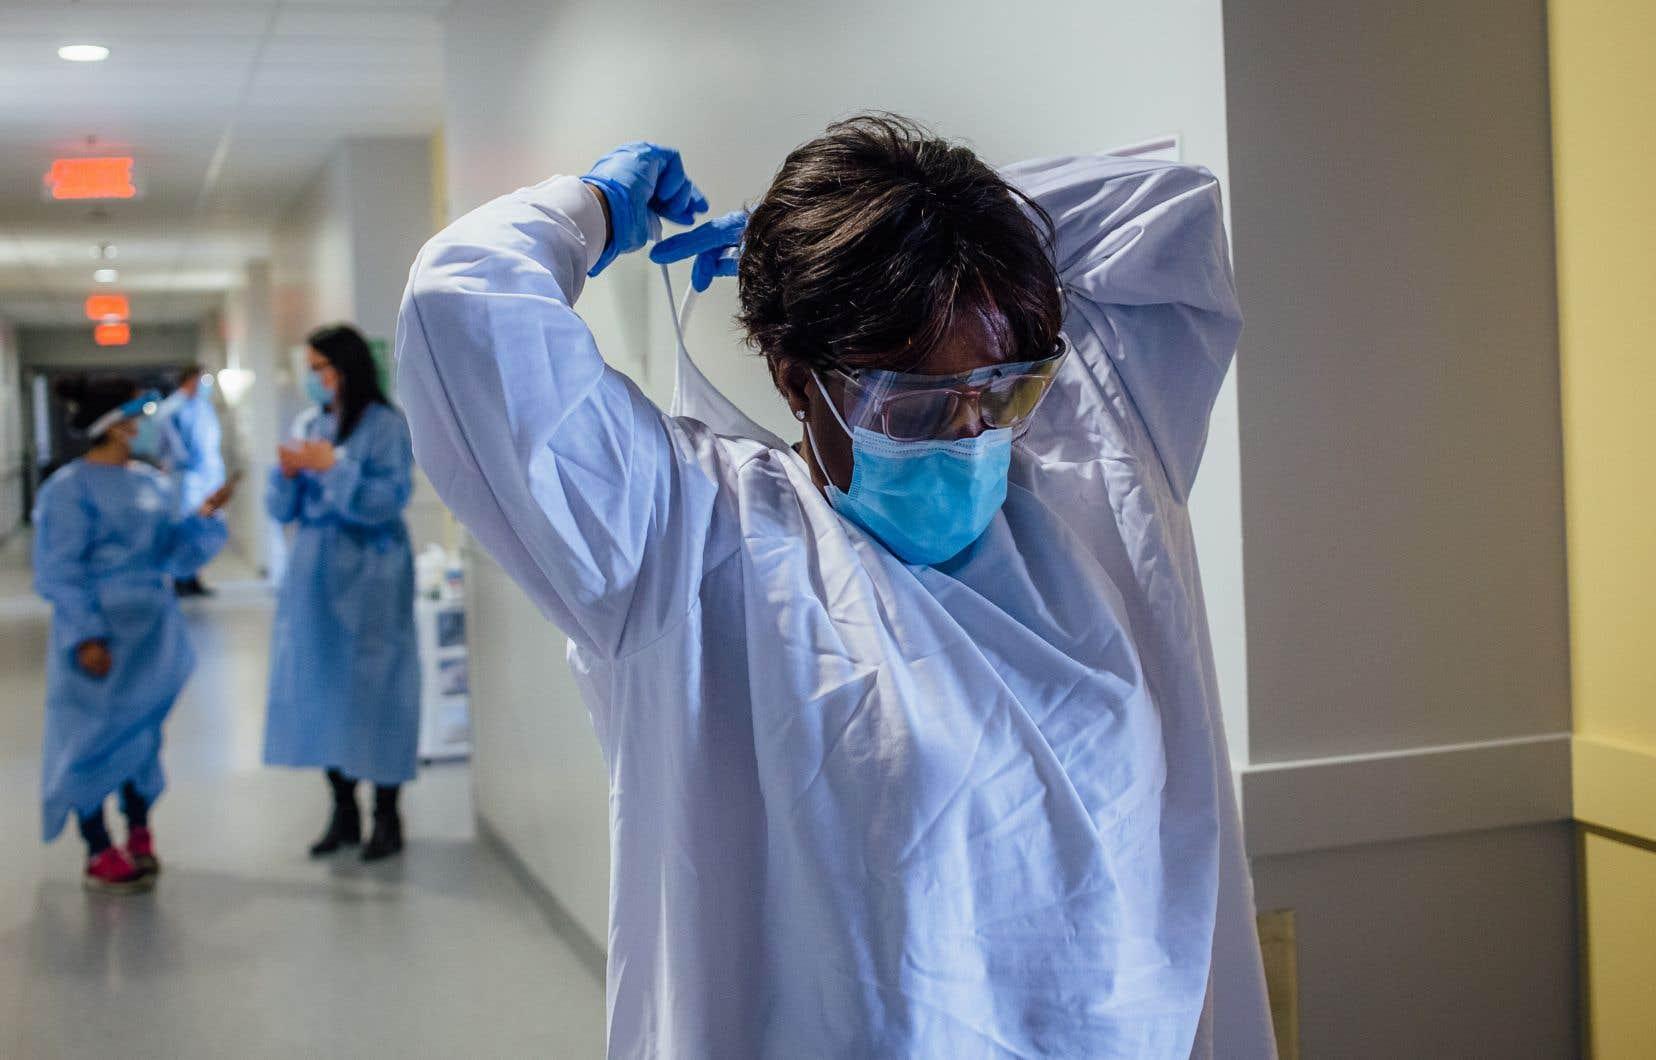 Des employés œuvrant en CHSLD ou en résidence pour aînés en attente d'un résultat de test de dépistage à la COVID-19 ne sont pas retirés du travail de manière préventive, ce que dénoncent leurs représentants syndicaux.